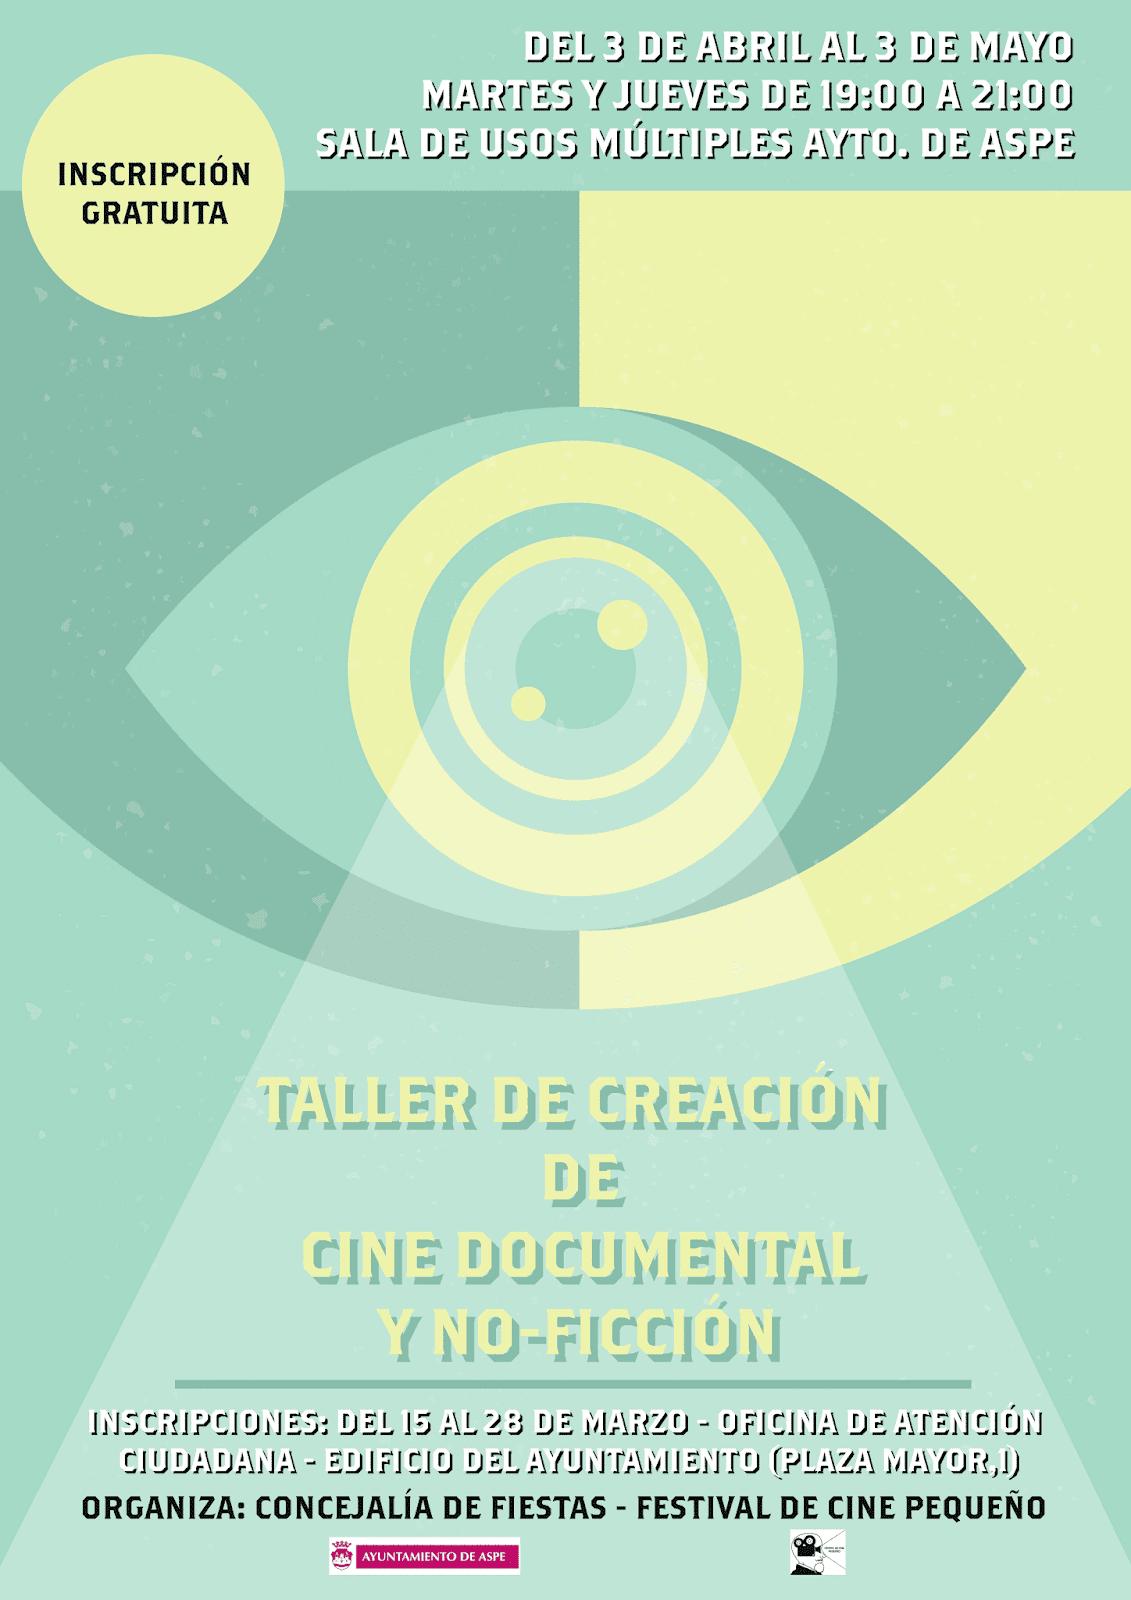 Taller de creación de cine documental